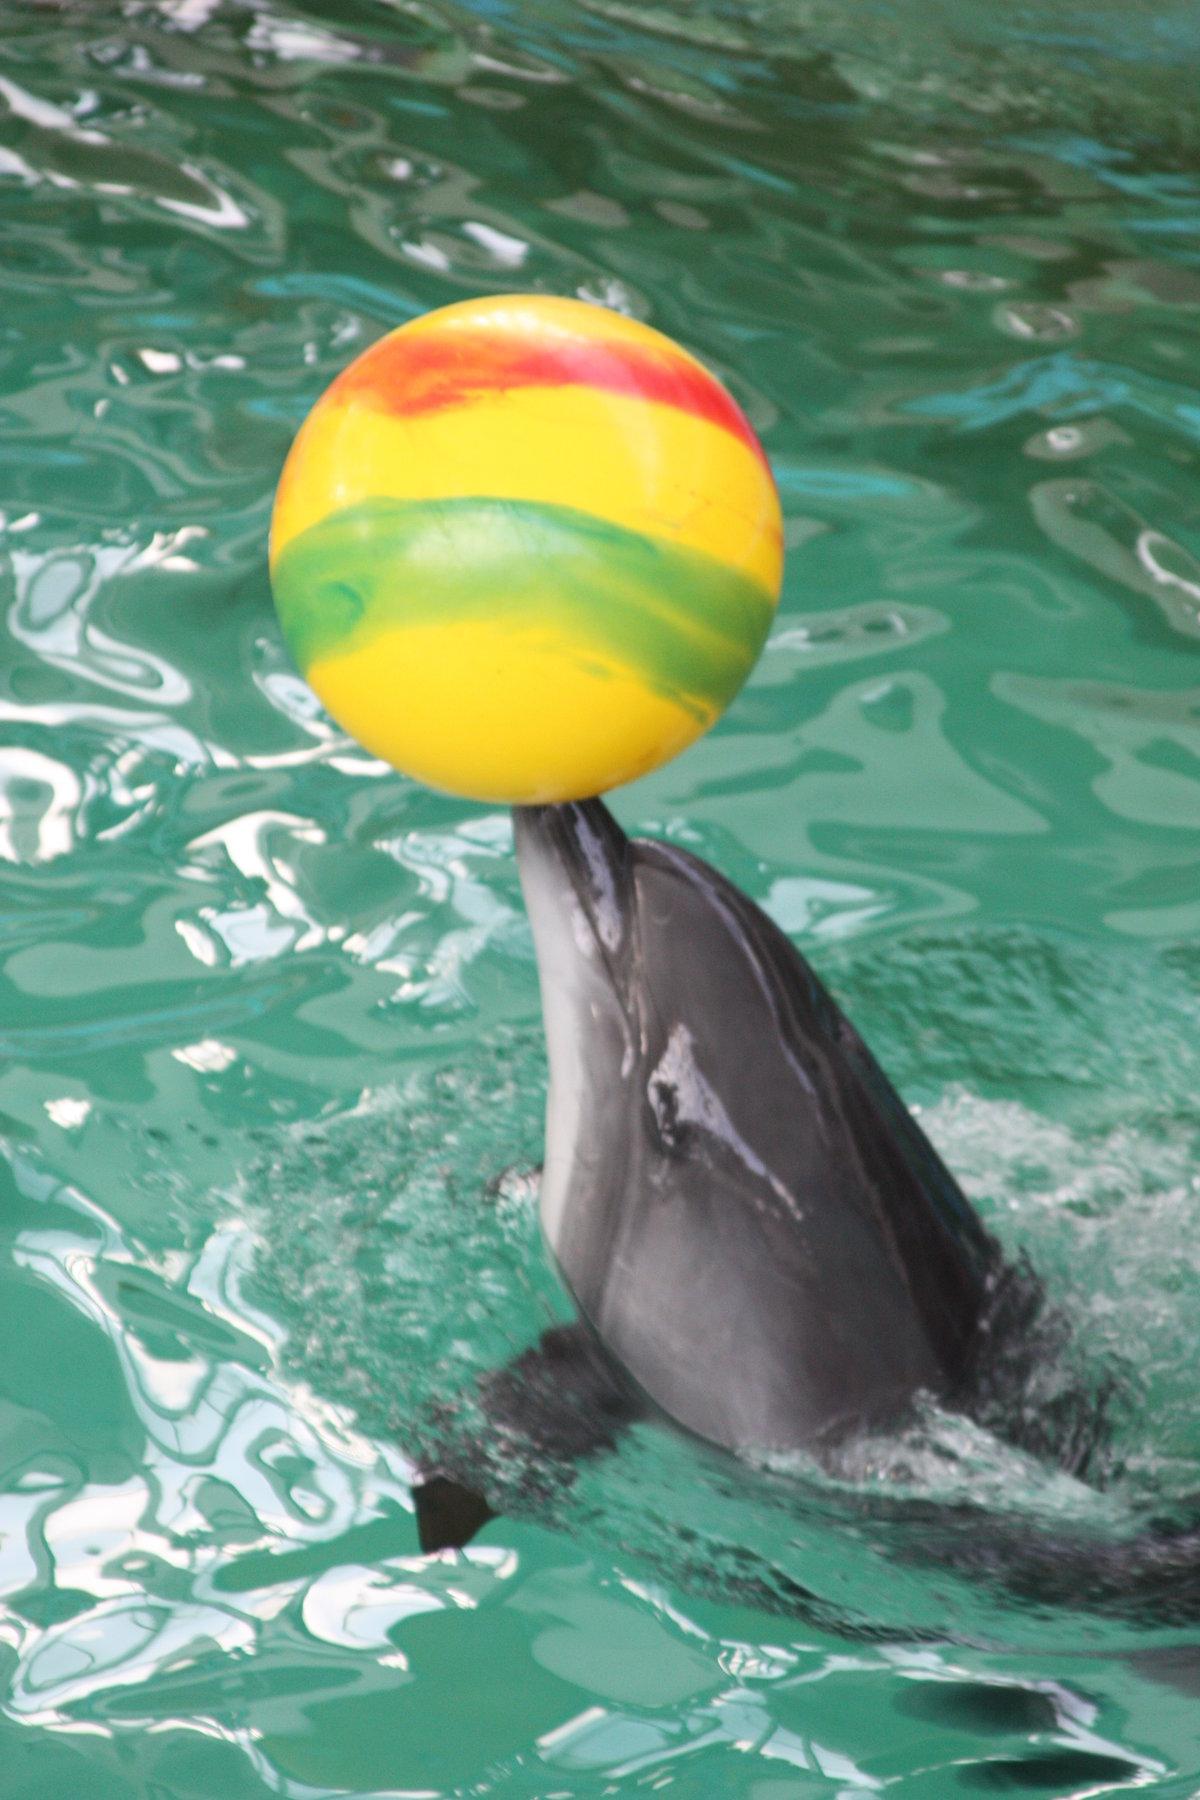 сейчас амулет картинки дельфинчиков с мячом рассказал, почему менялся